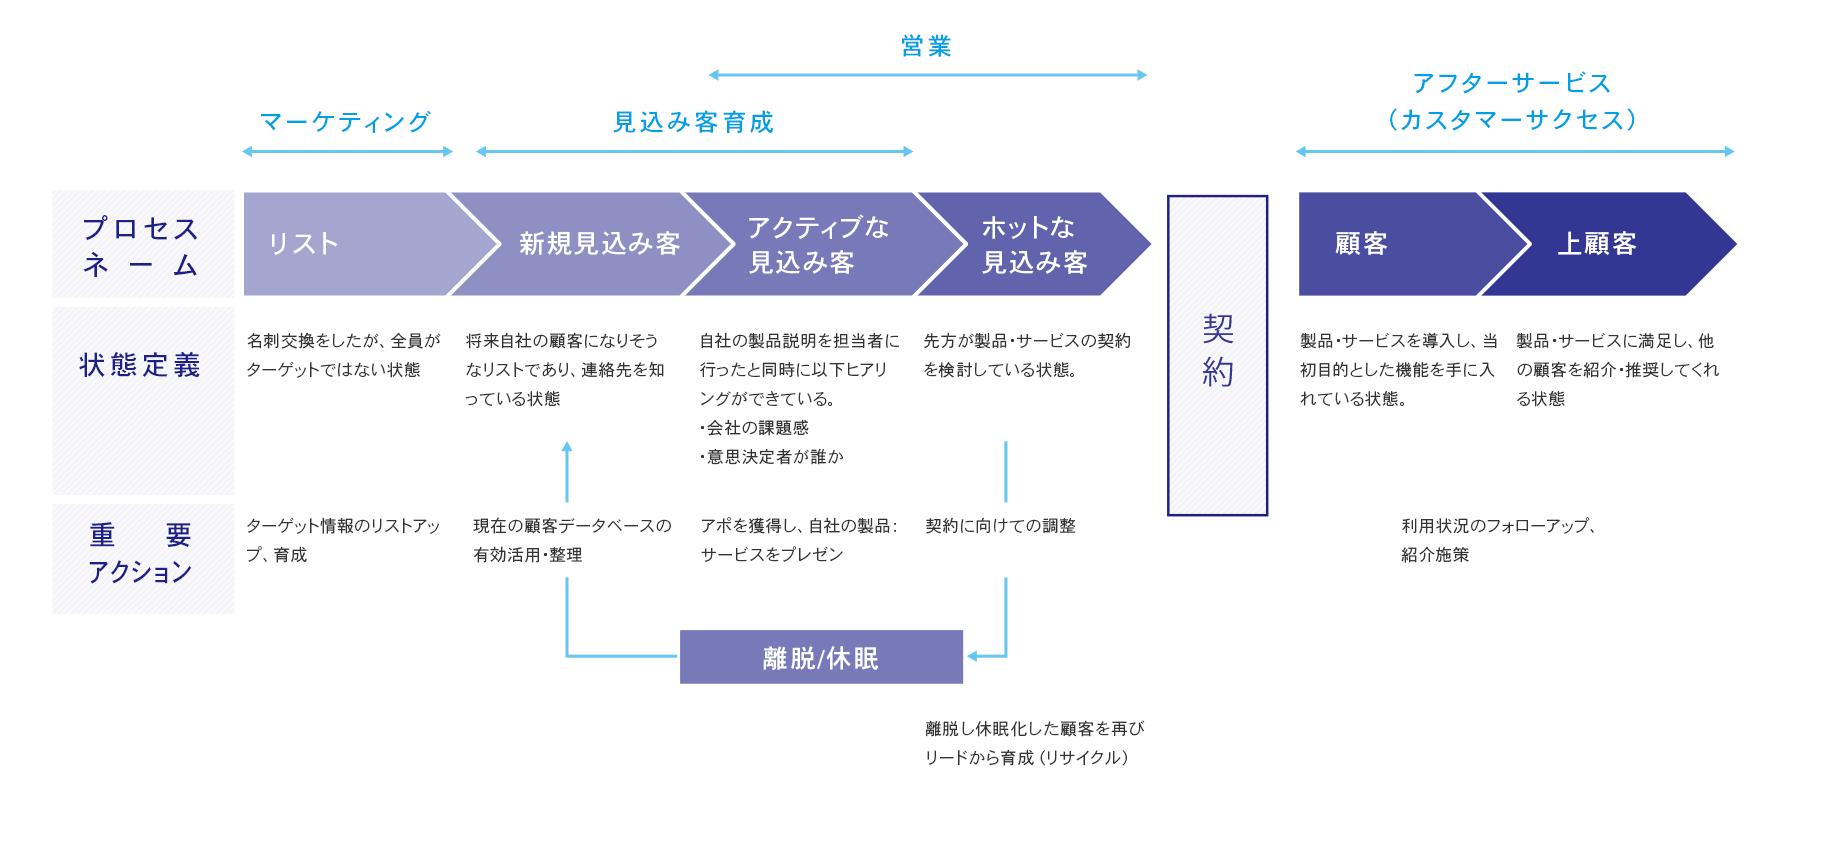 図解:セールス活動のプロセス化